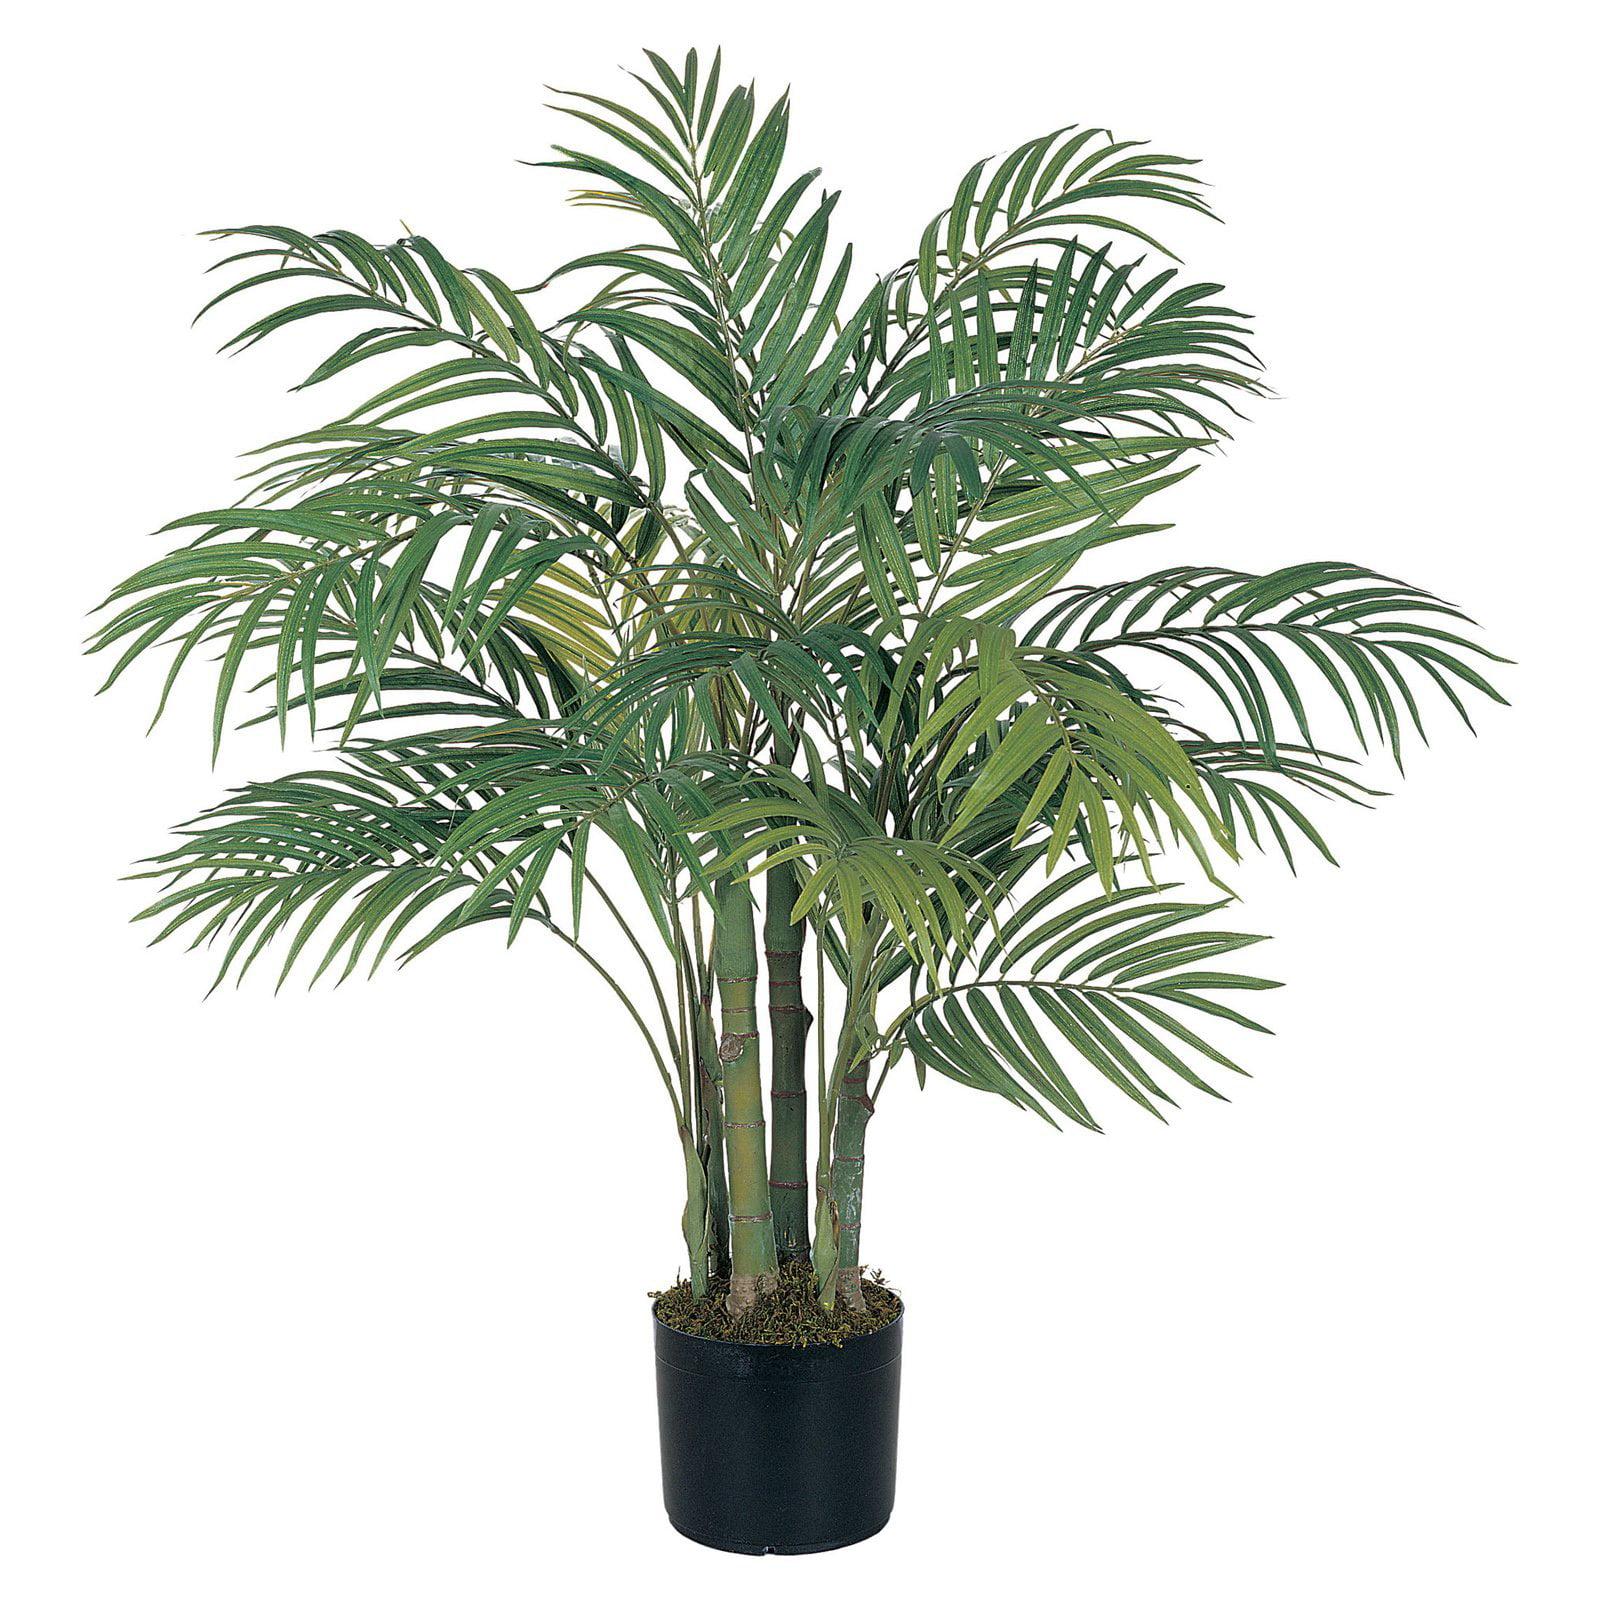 3' Areca Silk Palm Tree